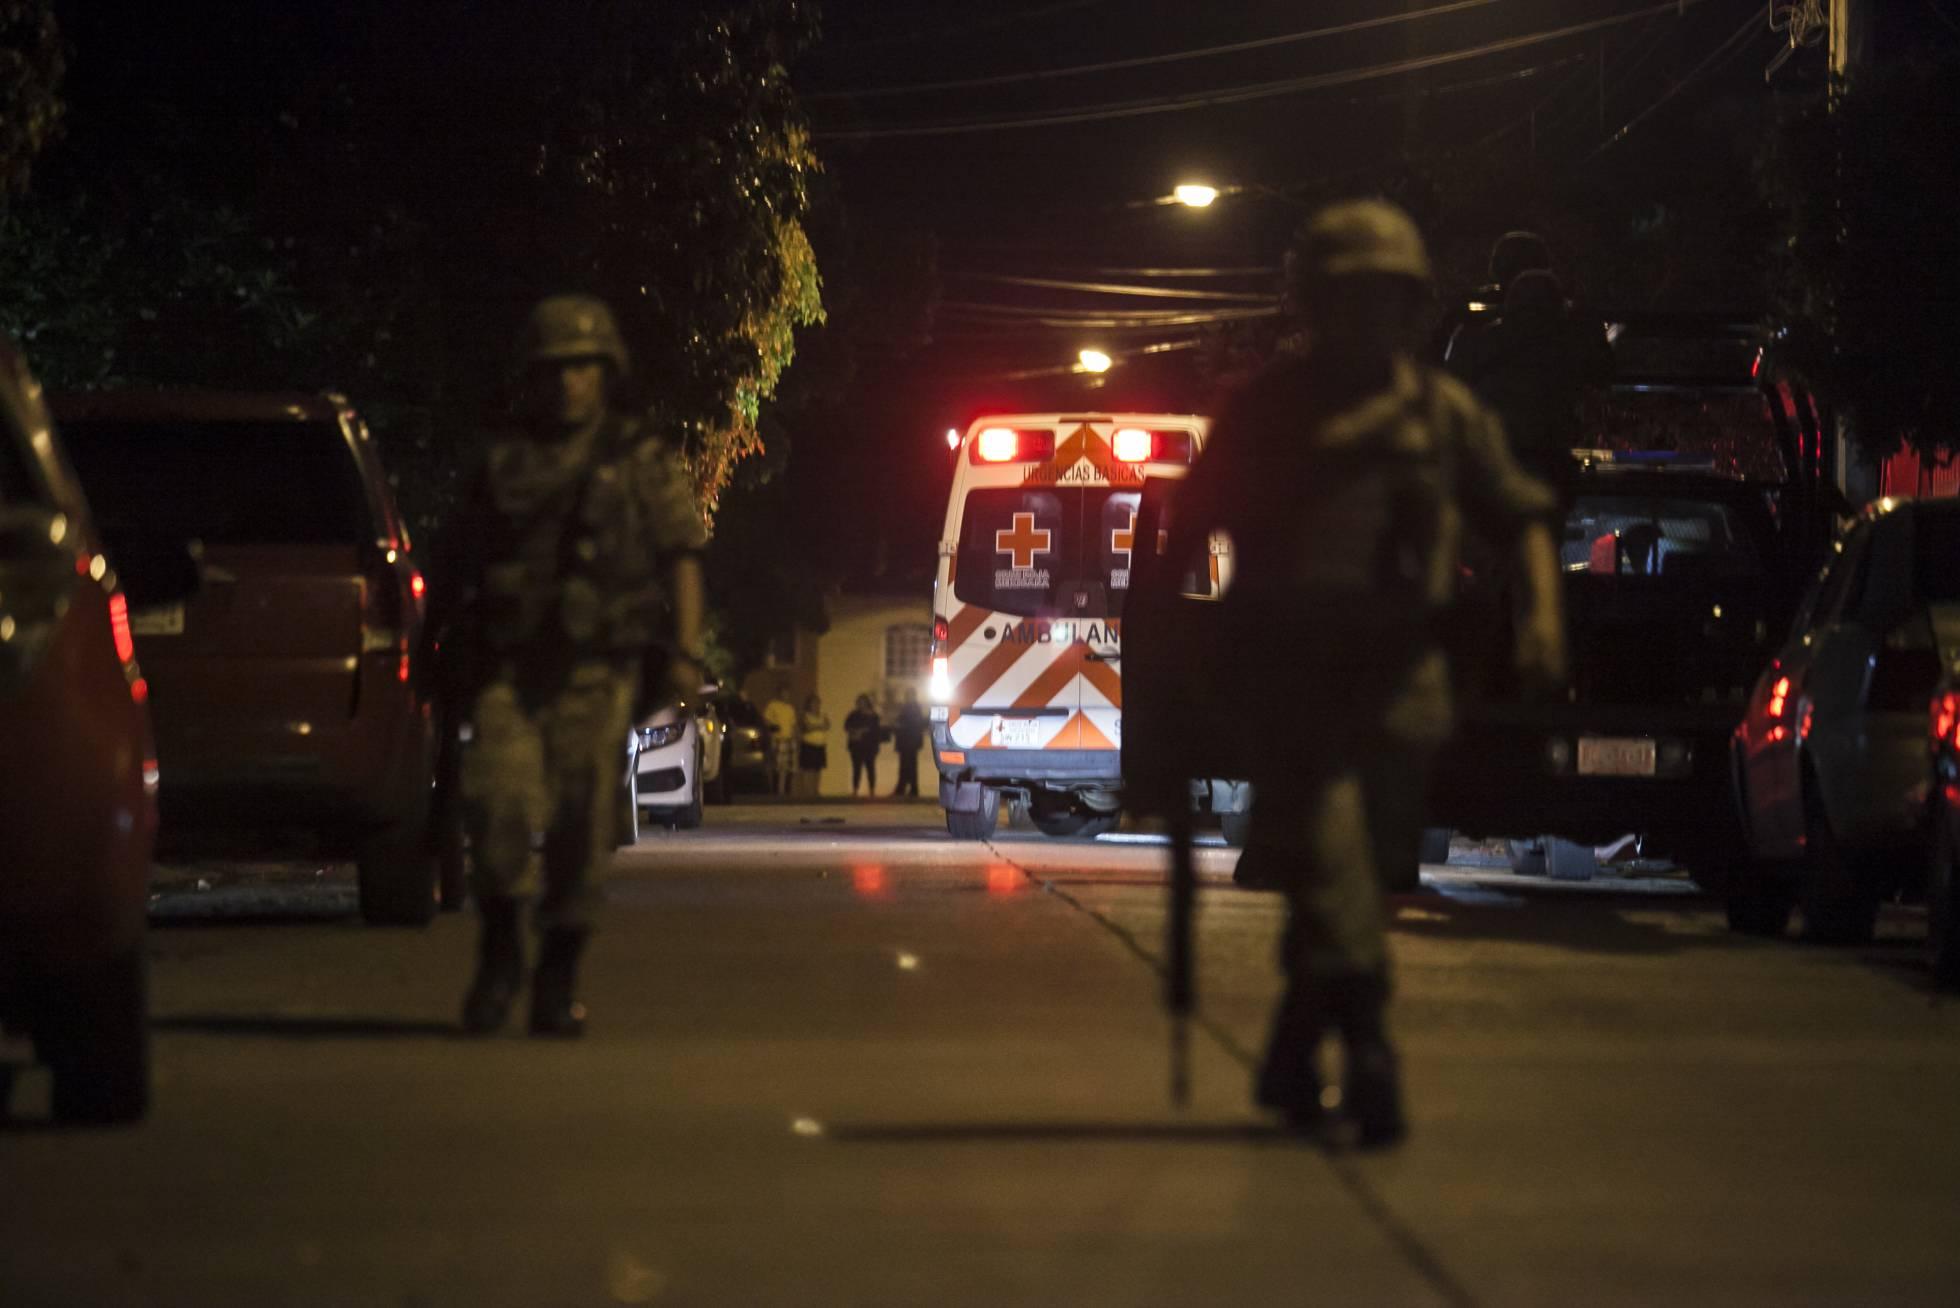 México aprueba la Ley de Seguridad que perpetúa el uso policial de los militares